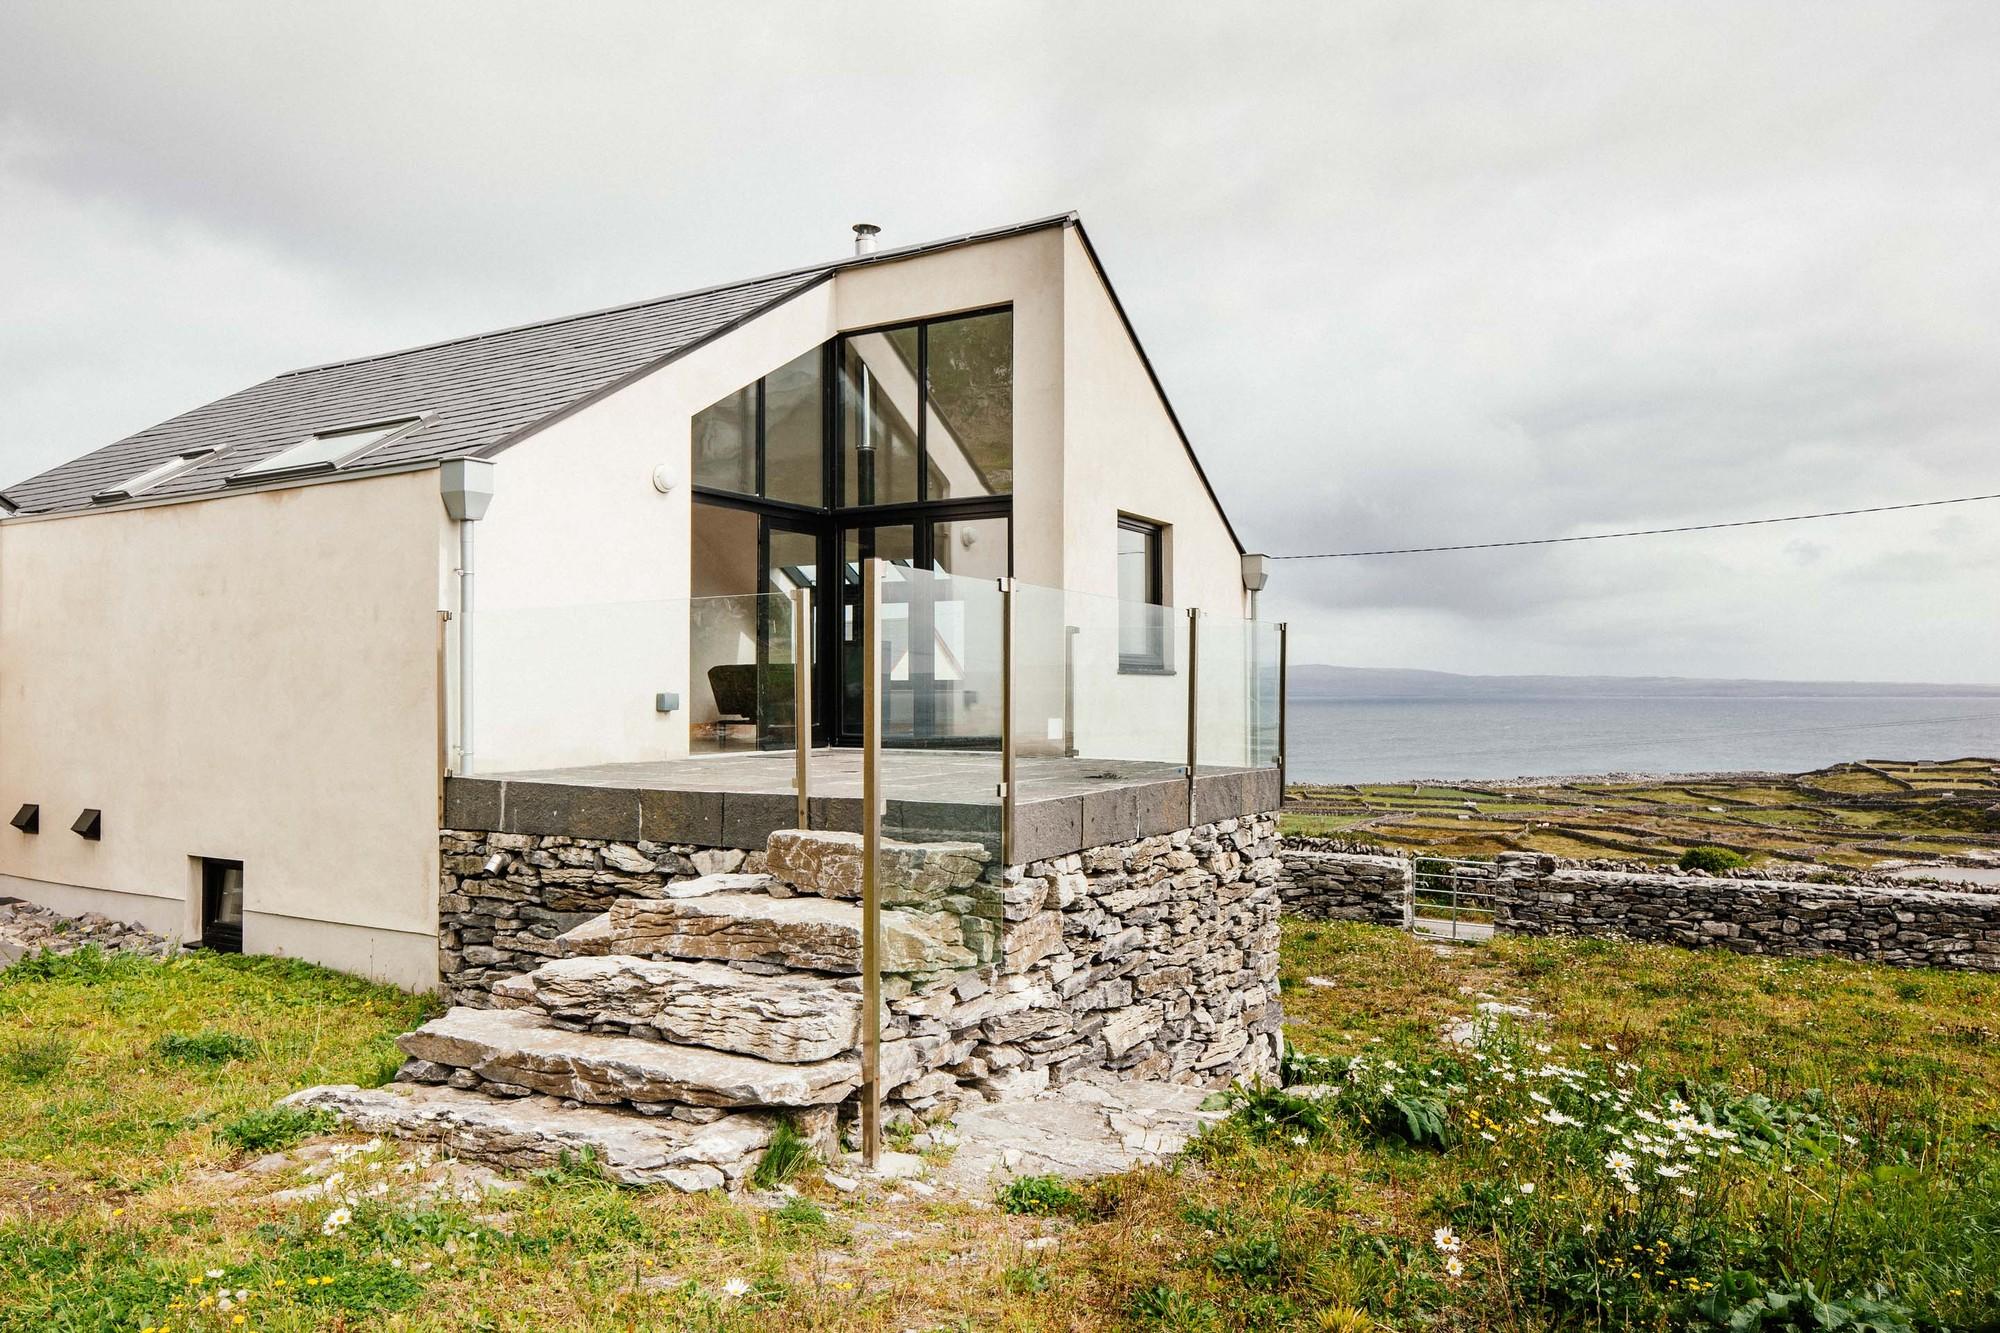 Island Dwelling / O'Neill Architecture